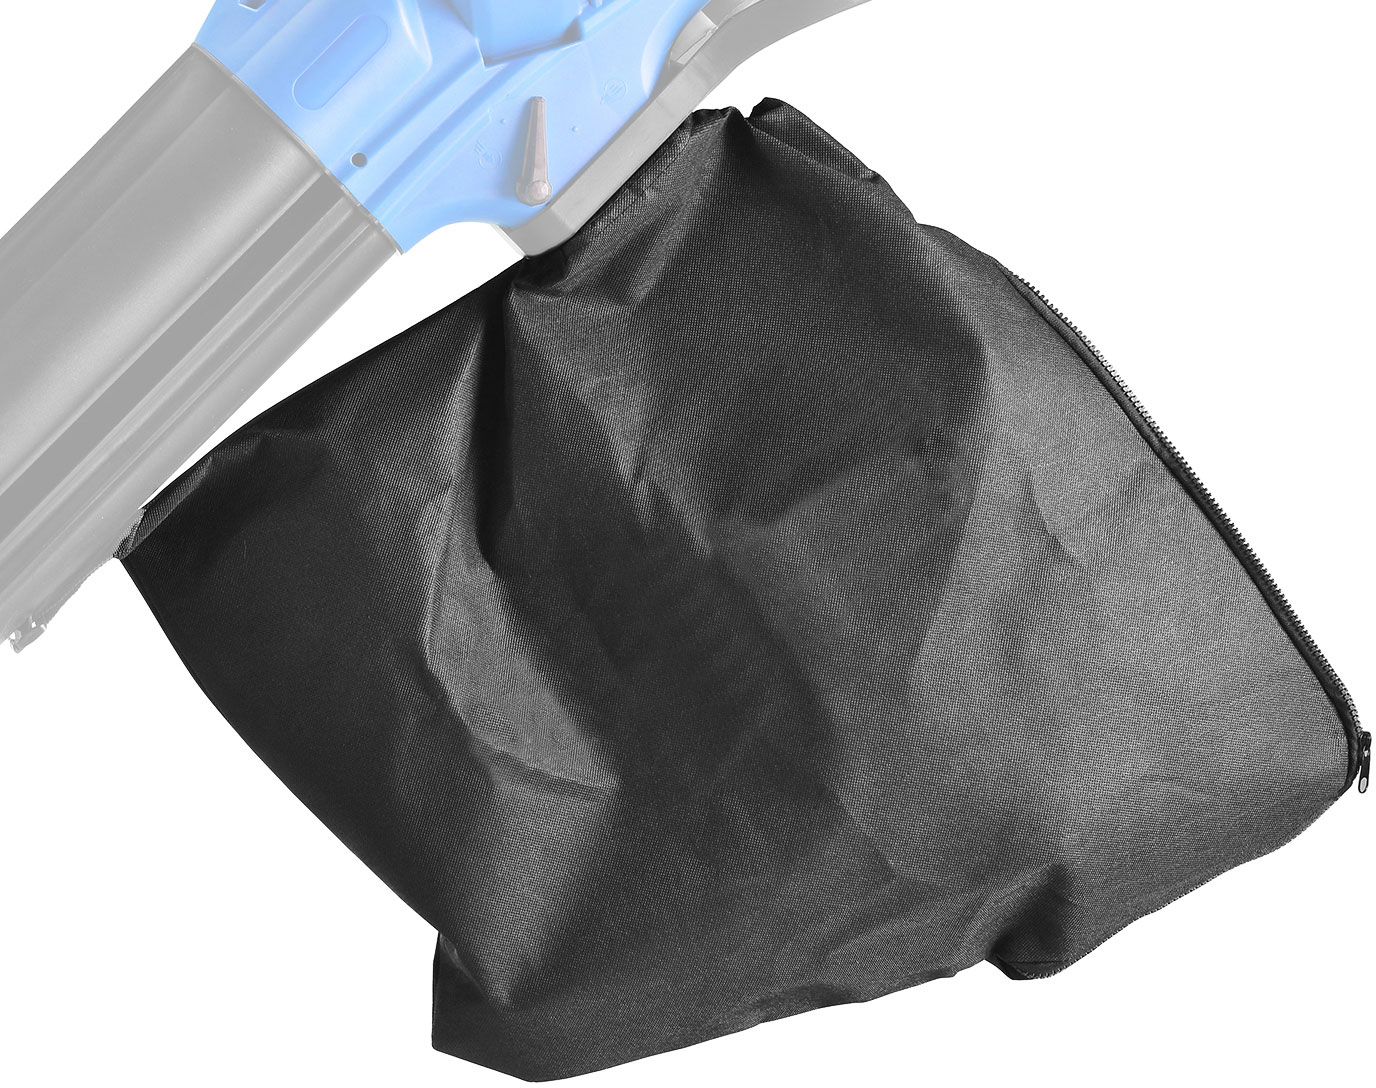 Laubfangsack zu Güde Laubsauger Bild 1